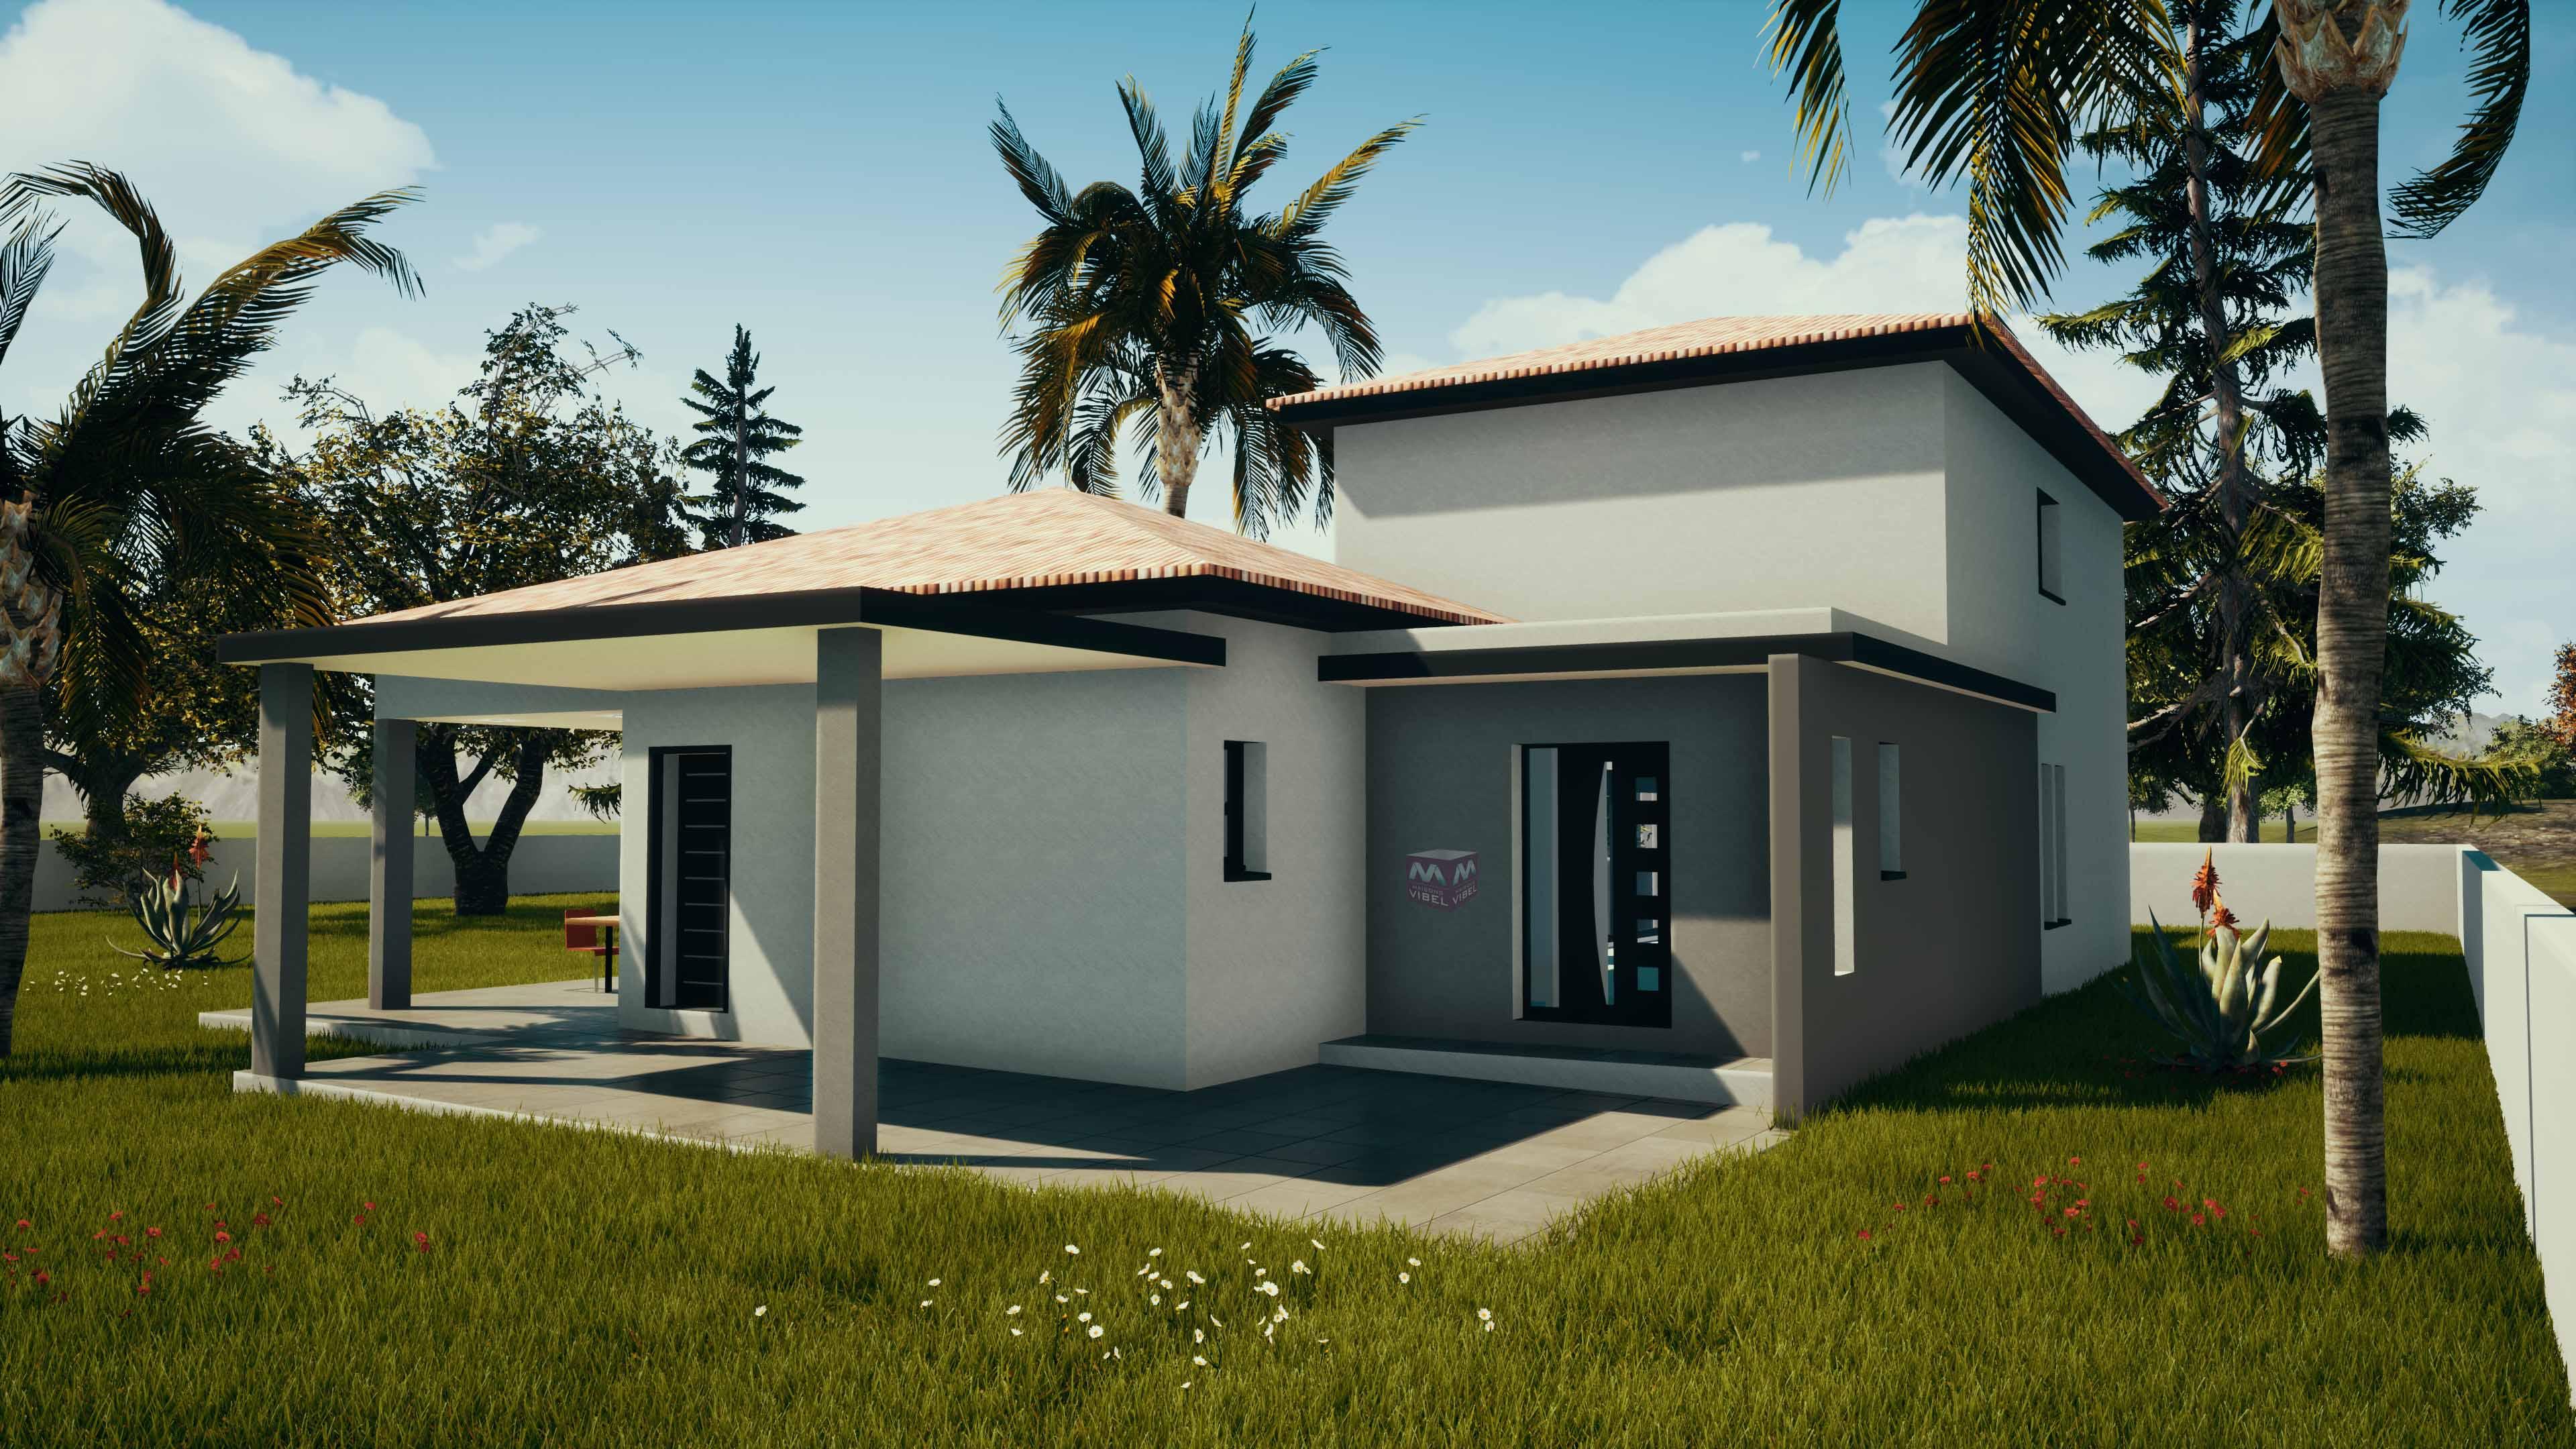 Maisons + Terrains du constructeur MAISONS VIBEL • 100 m² • PERPIGNAN